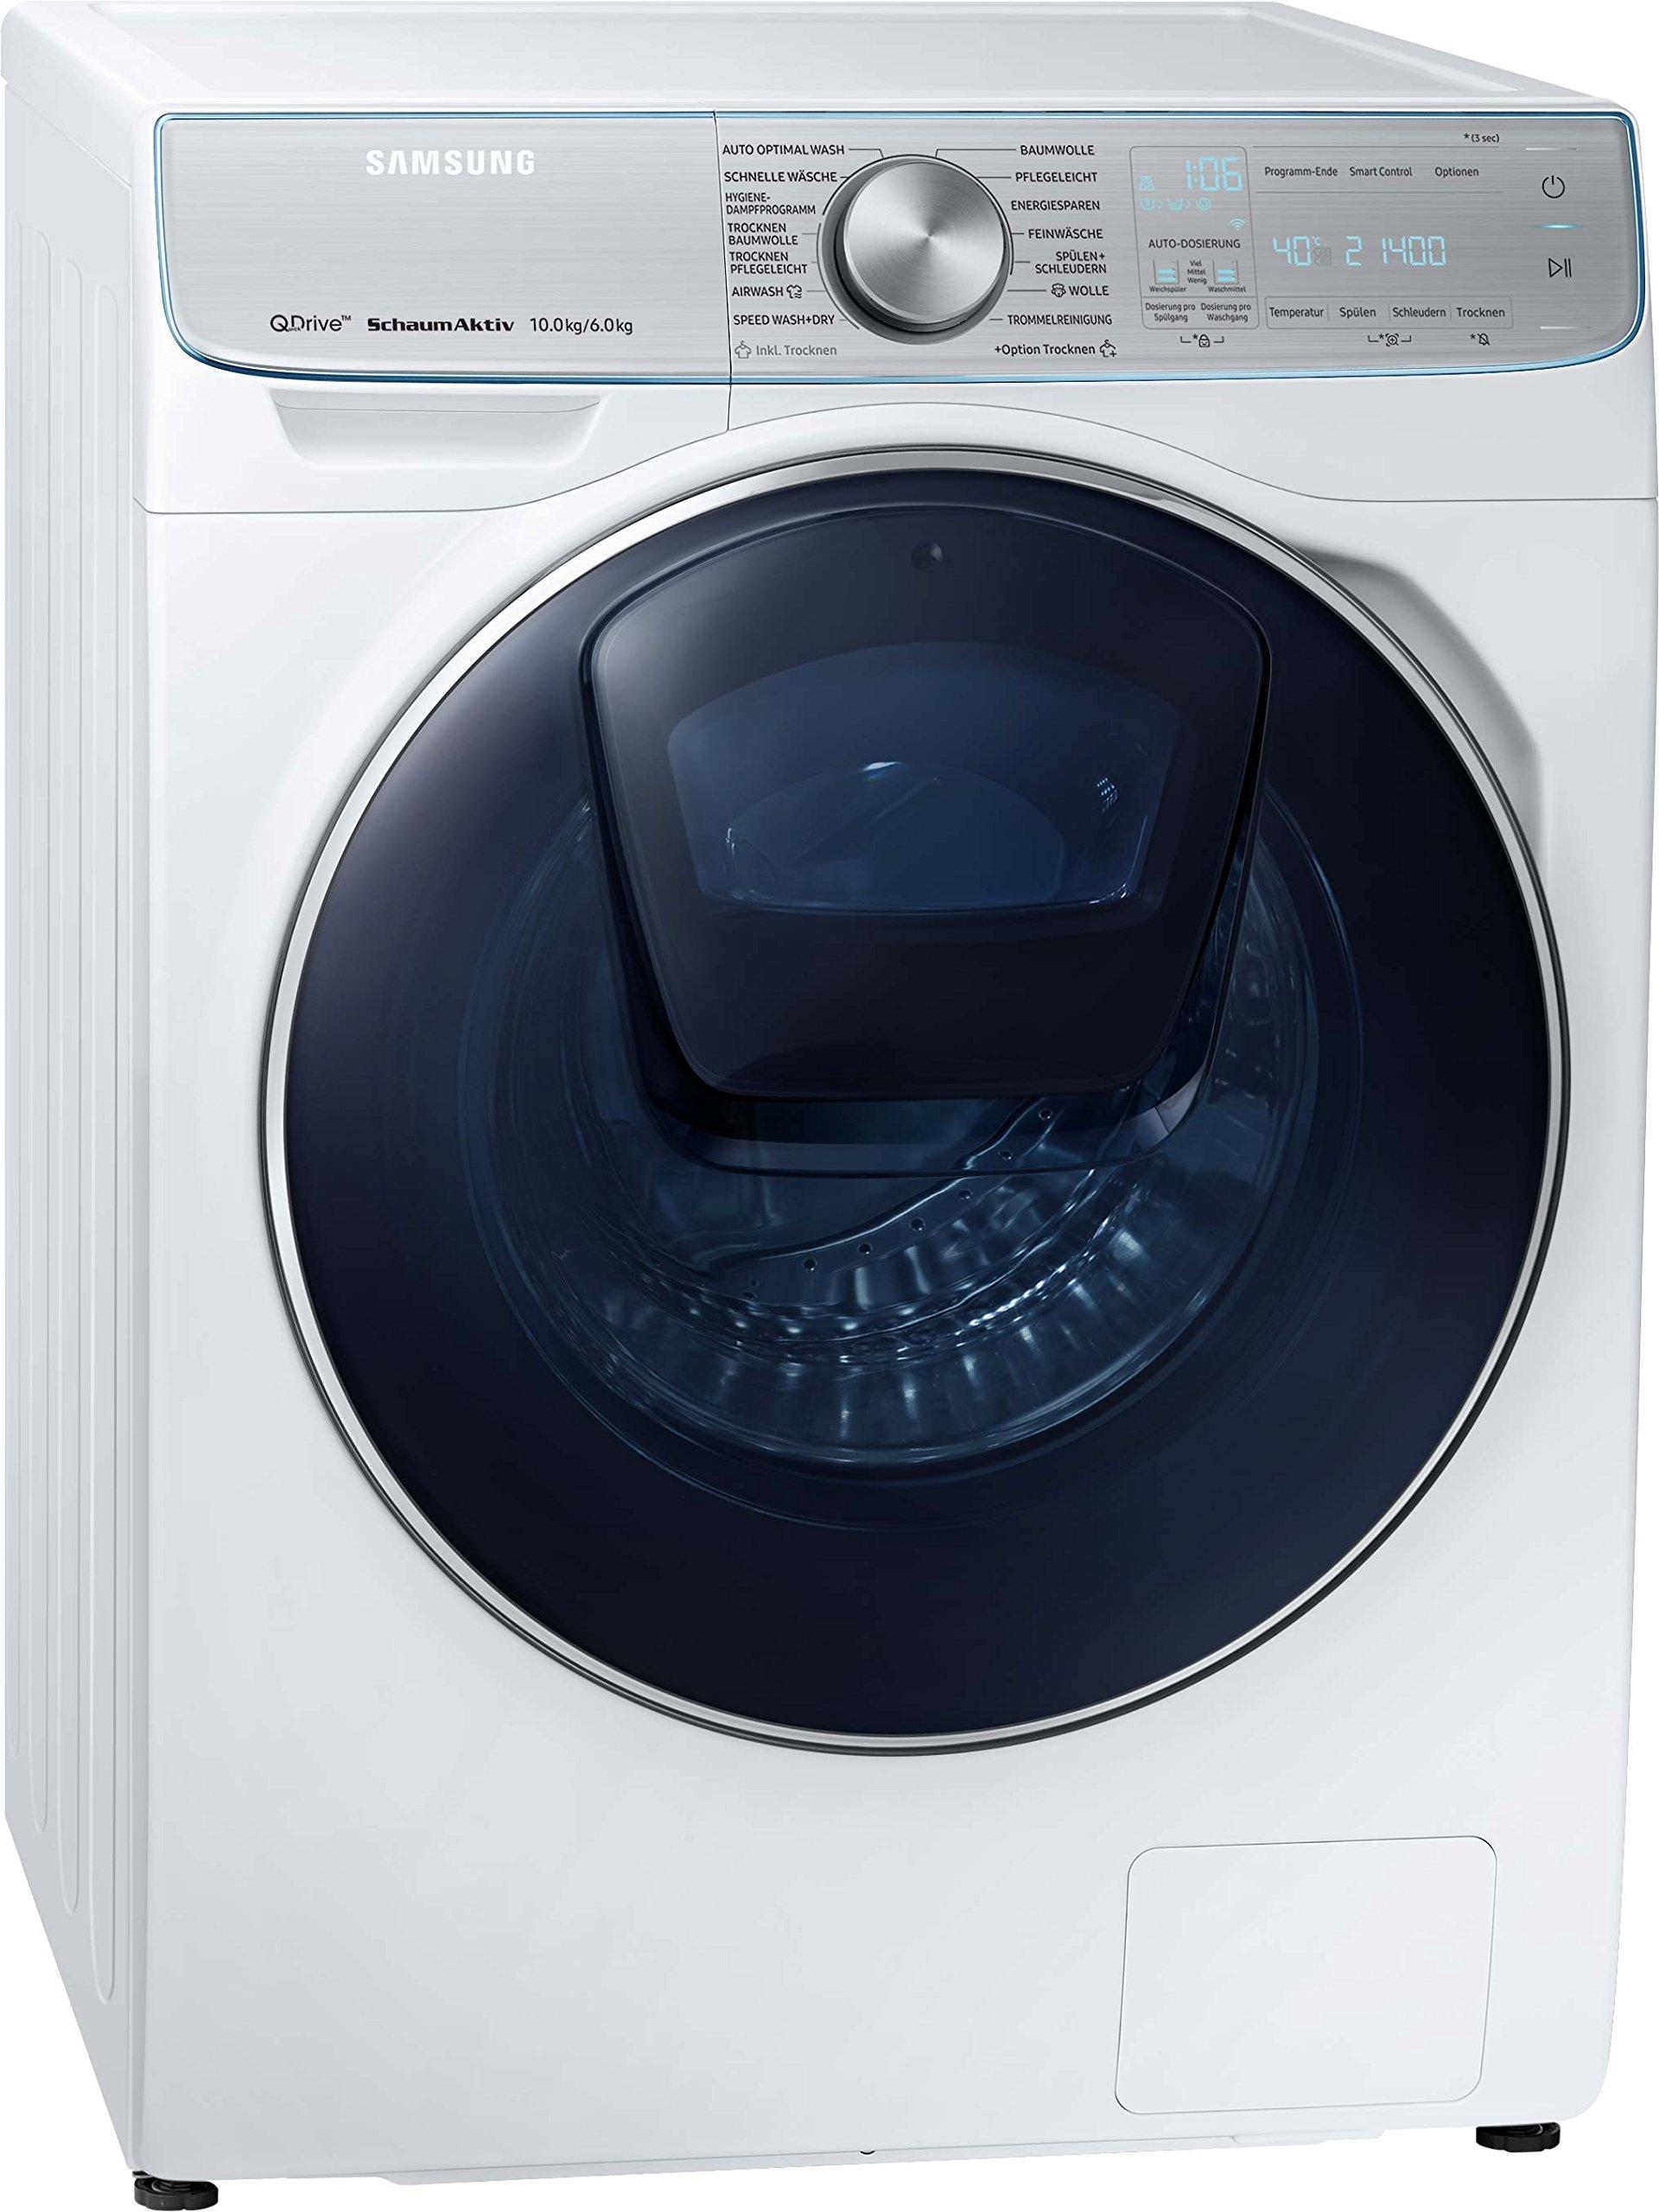 Samsung wd8800 wd10 N84i Noa/CE Quick Drive lave-linge séchant/A/28000  kWh/an/1400 tr/min 10 kg/12000 l/AN/5 kg laver et sécher en seulement 3